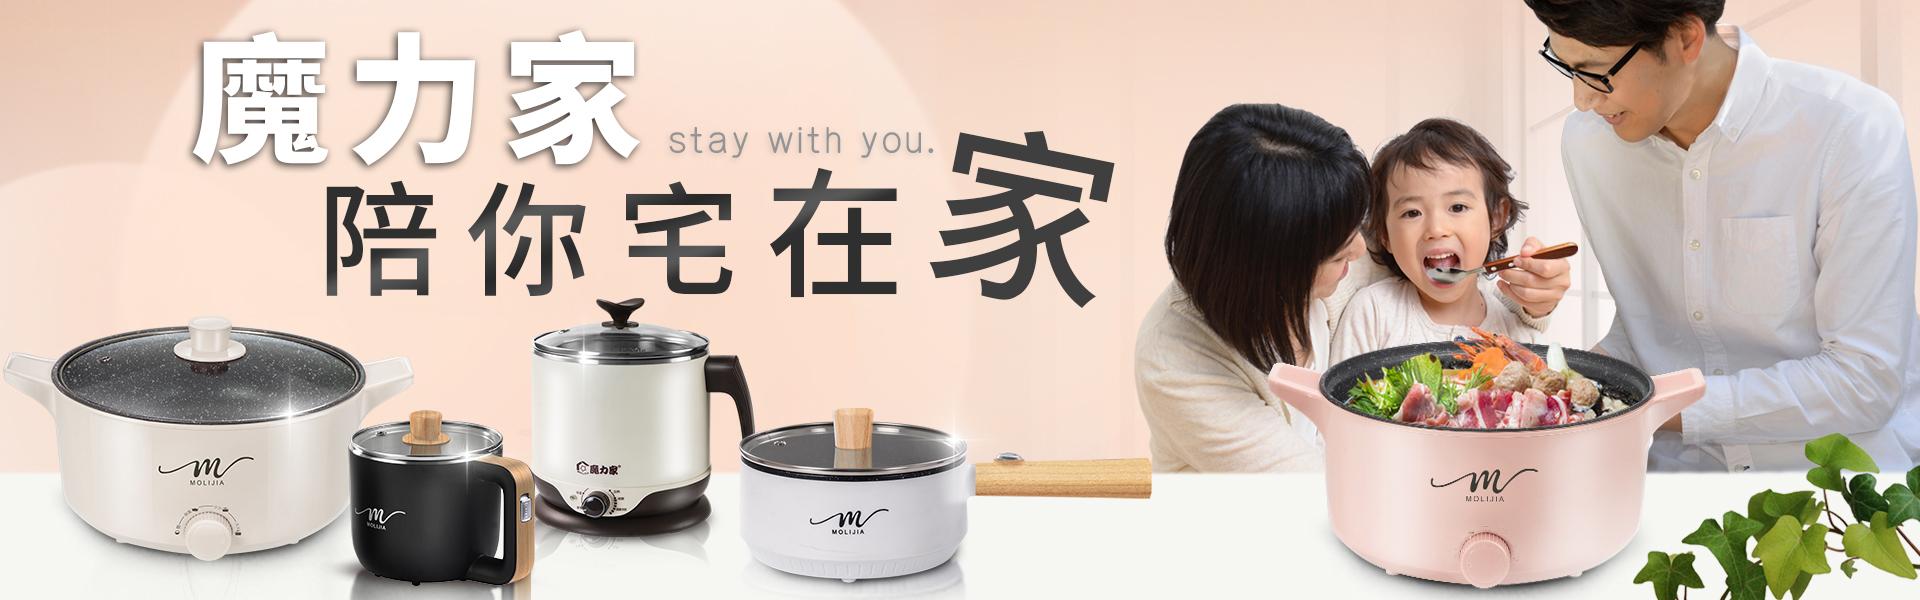 移動廚房,M系列,快煮鍋,電火鍋,電湯鍋